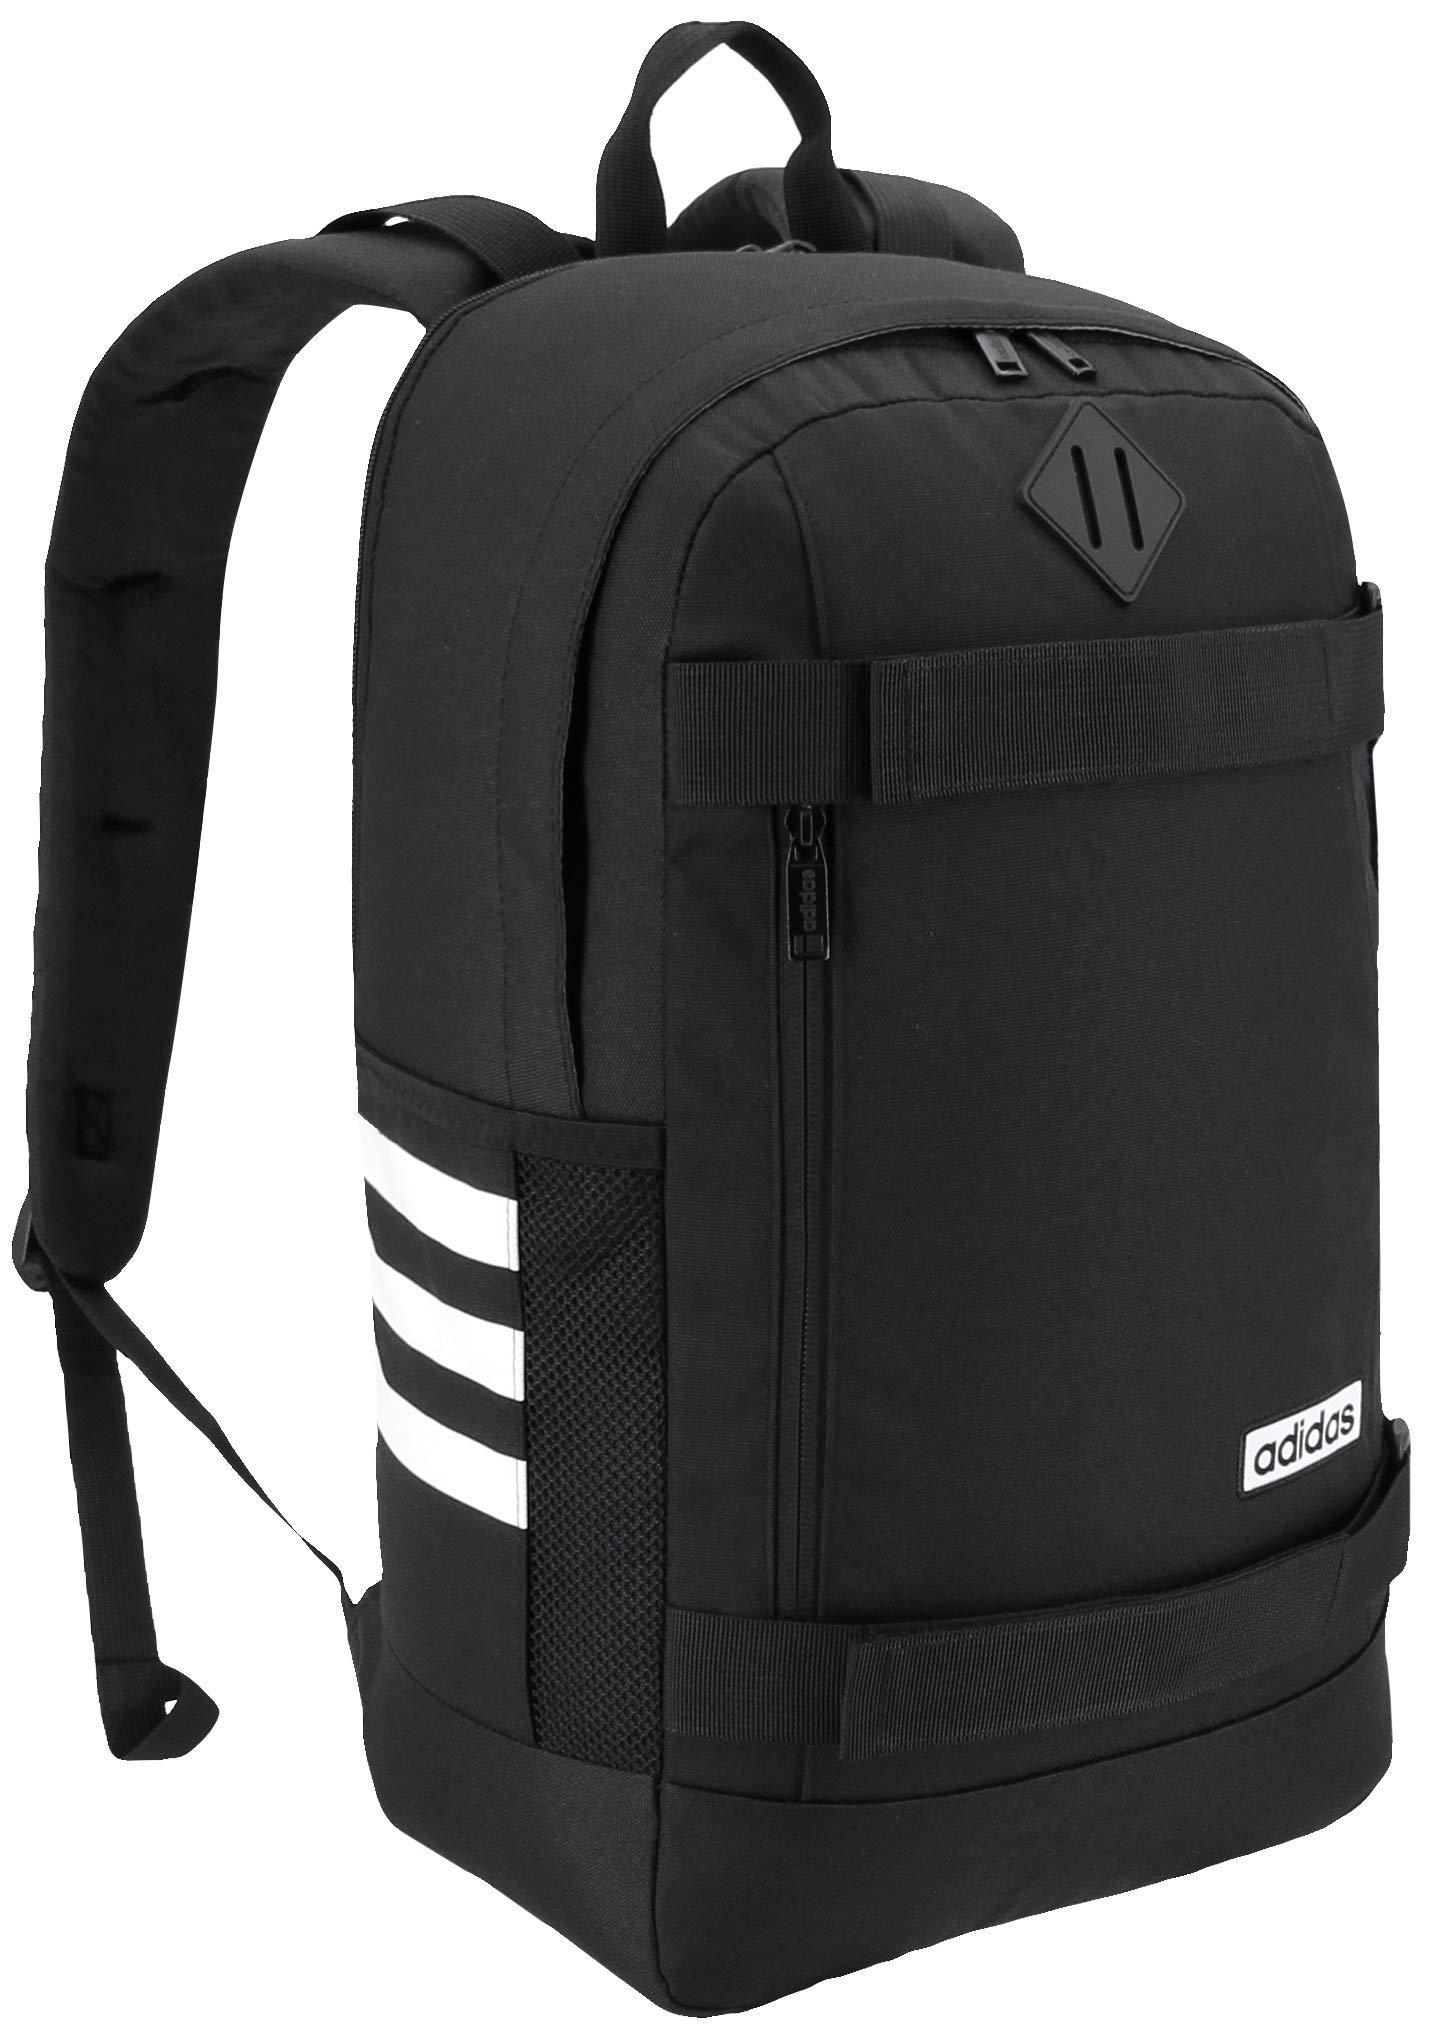 adidas Kelton Backpack Black Size